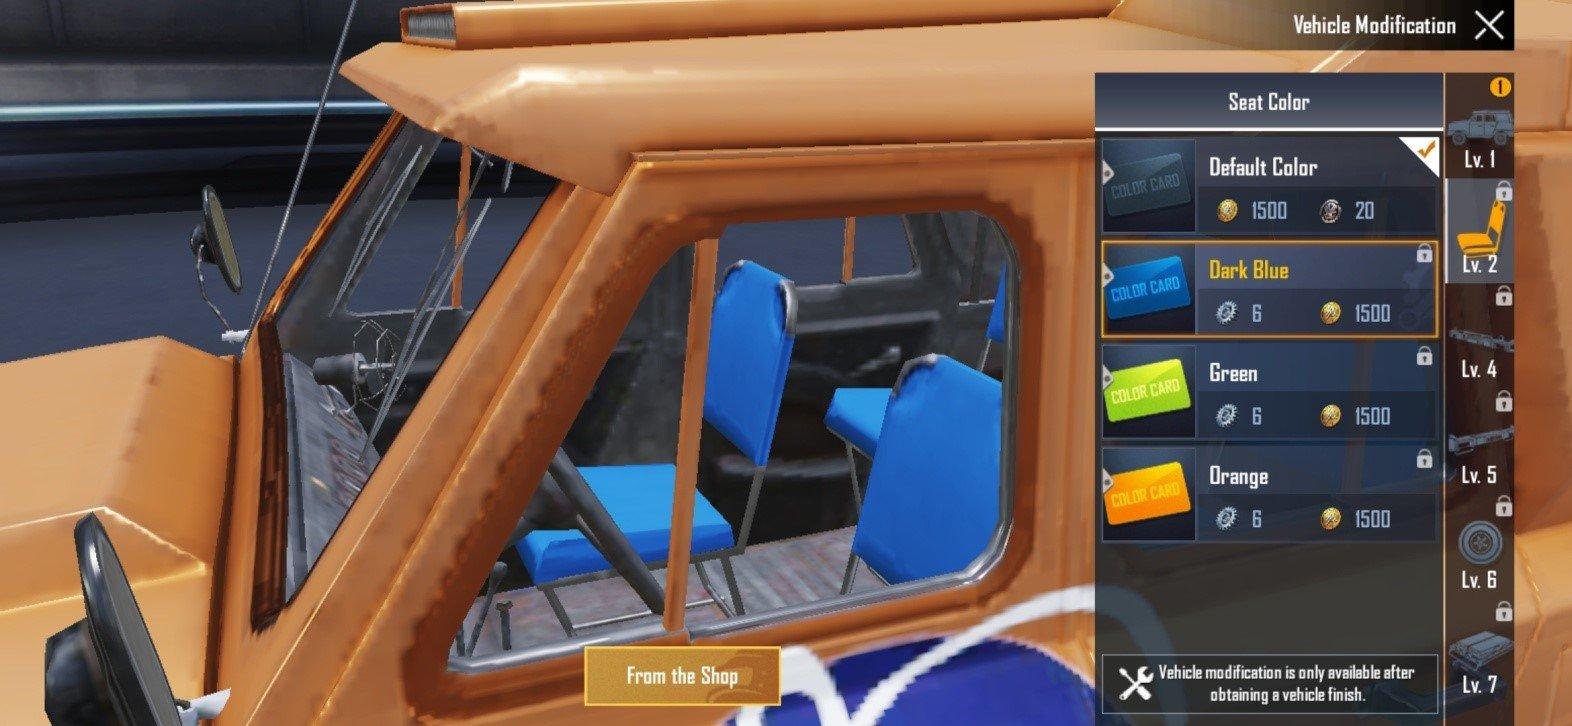 Blue-seat UAZ